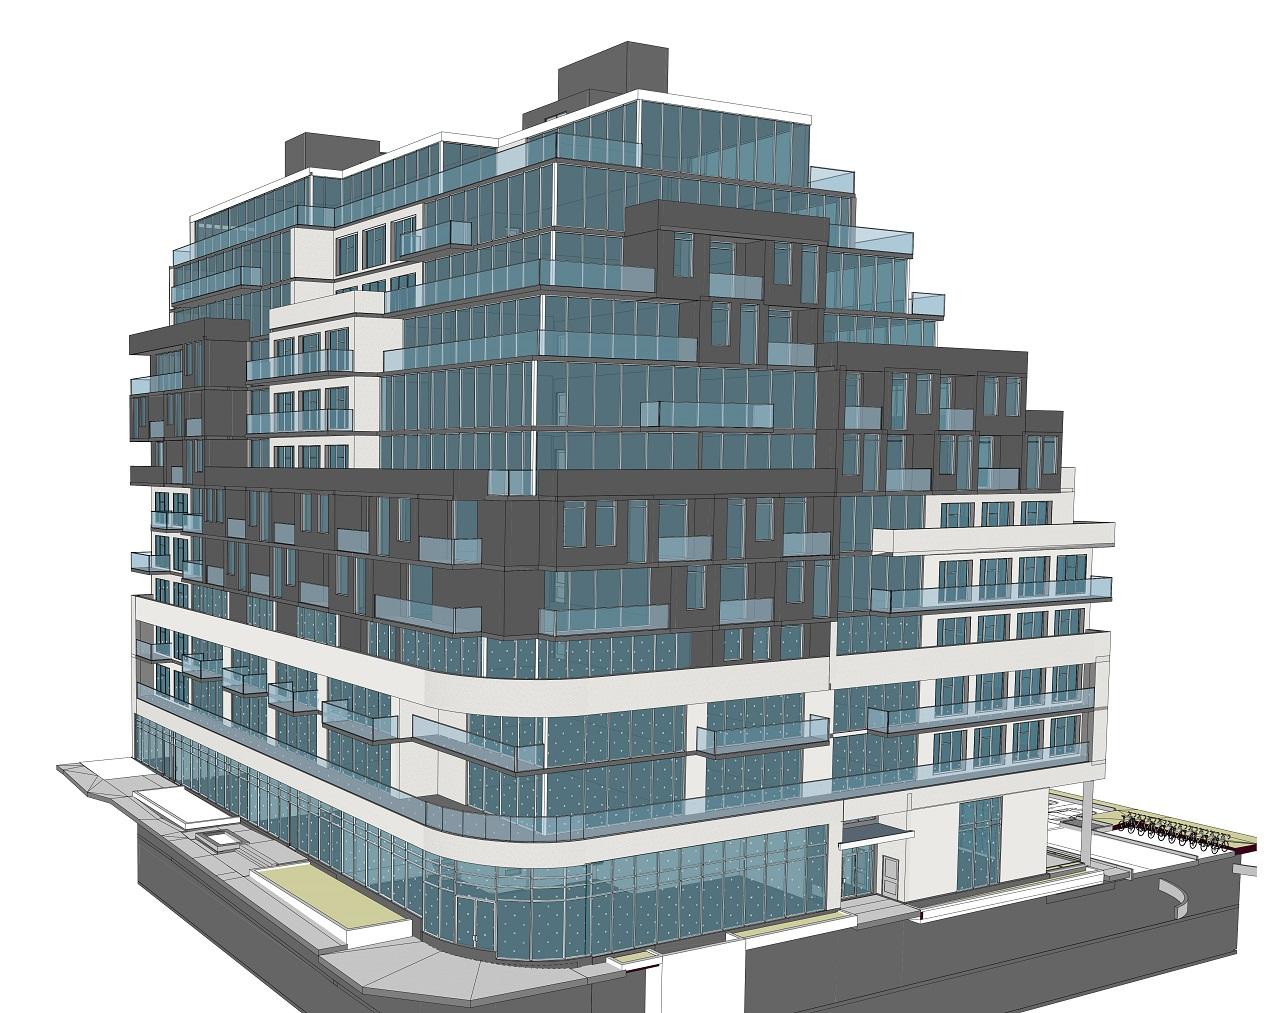 Exterior rendering of 3150 Eglinton East Condos.